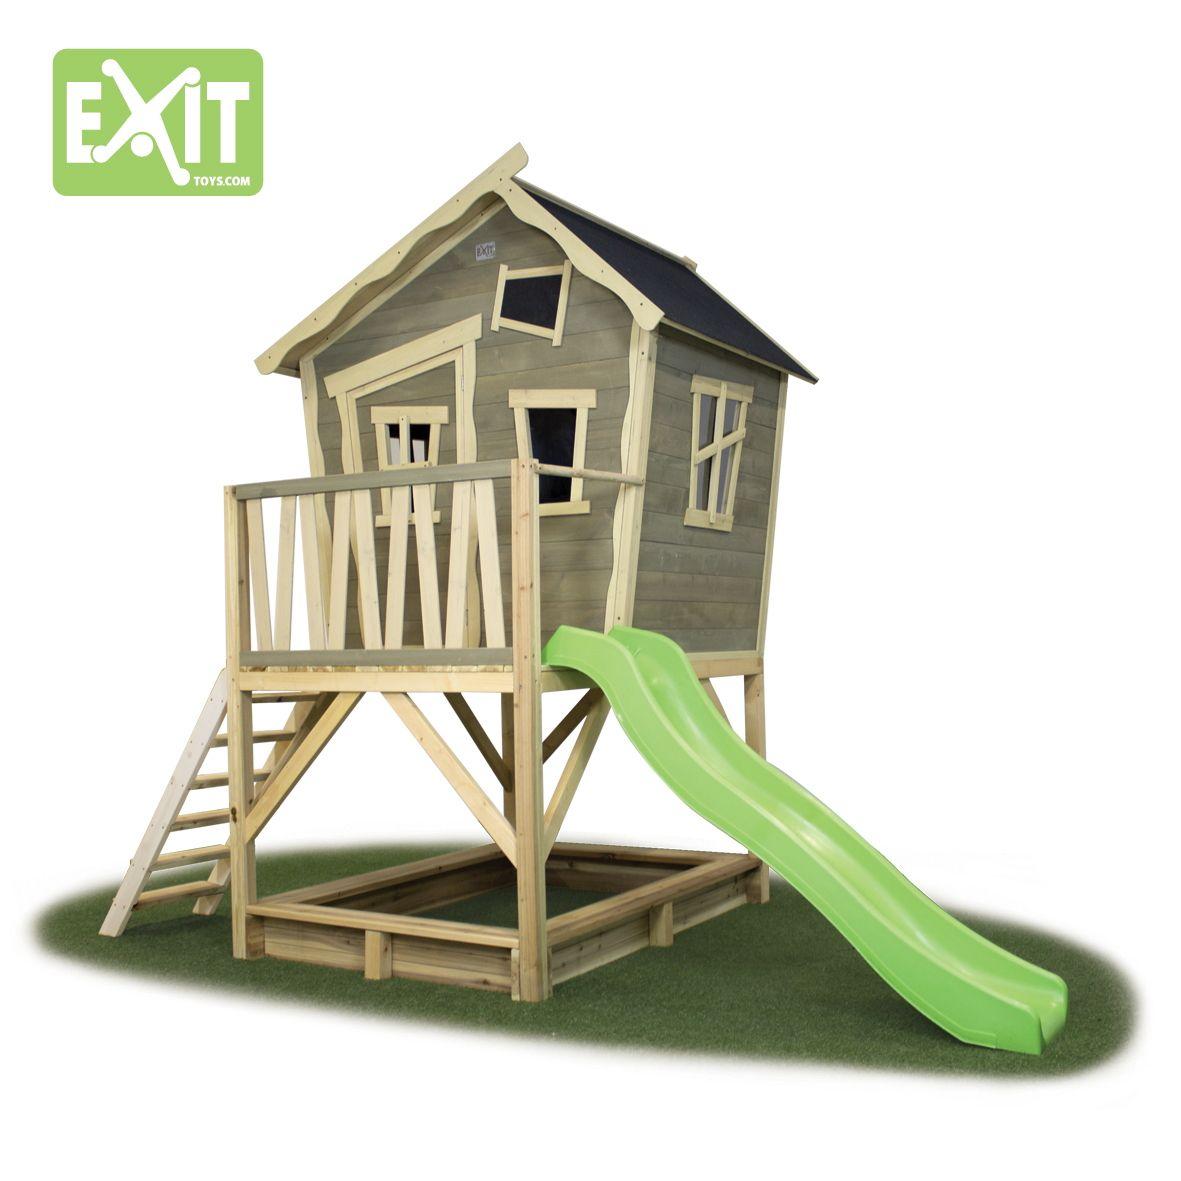 kinder-spielhaus exit crooky 500 kinderspielhaus holz-stelzenhaus, Schlafzimmer design